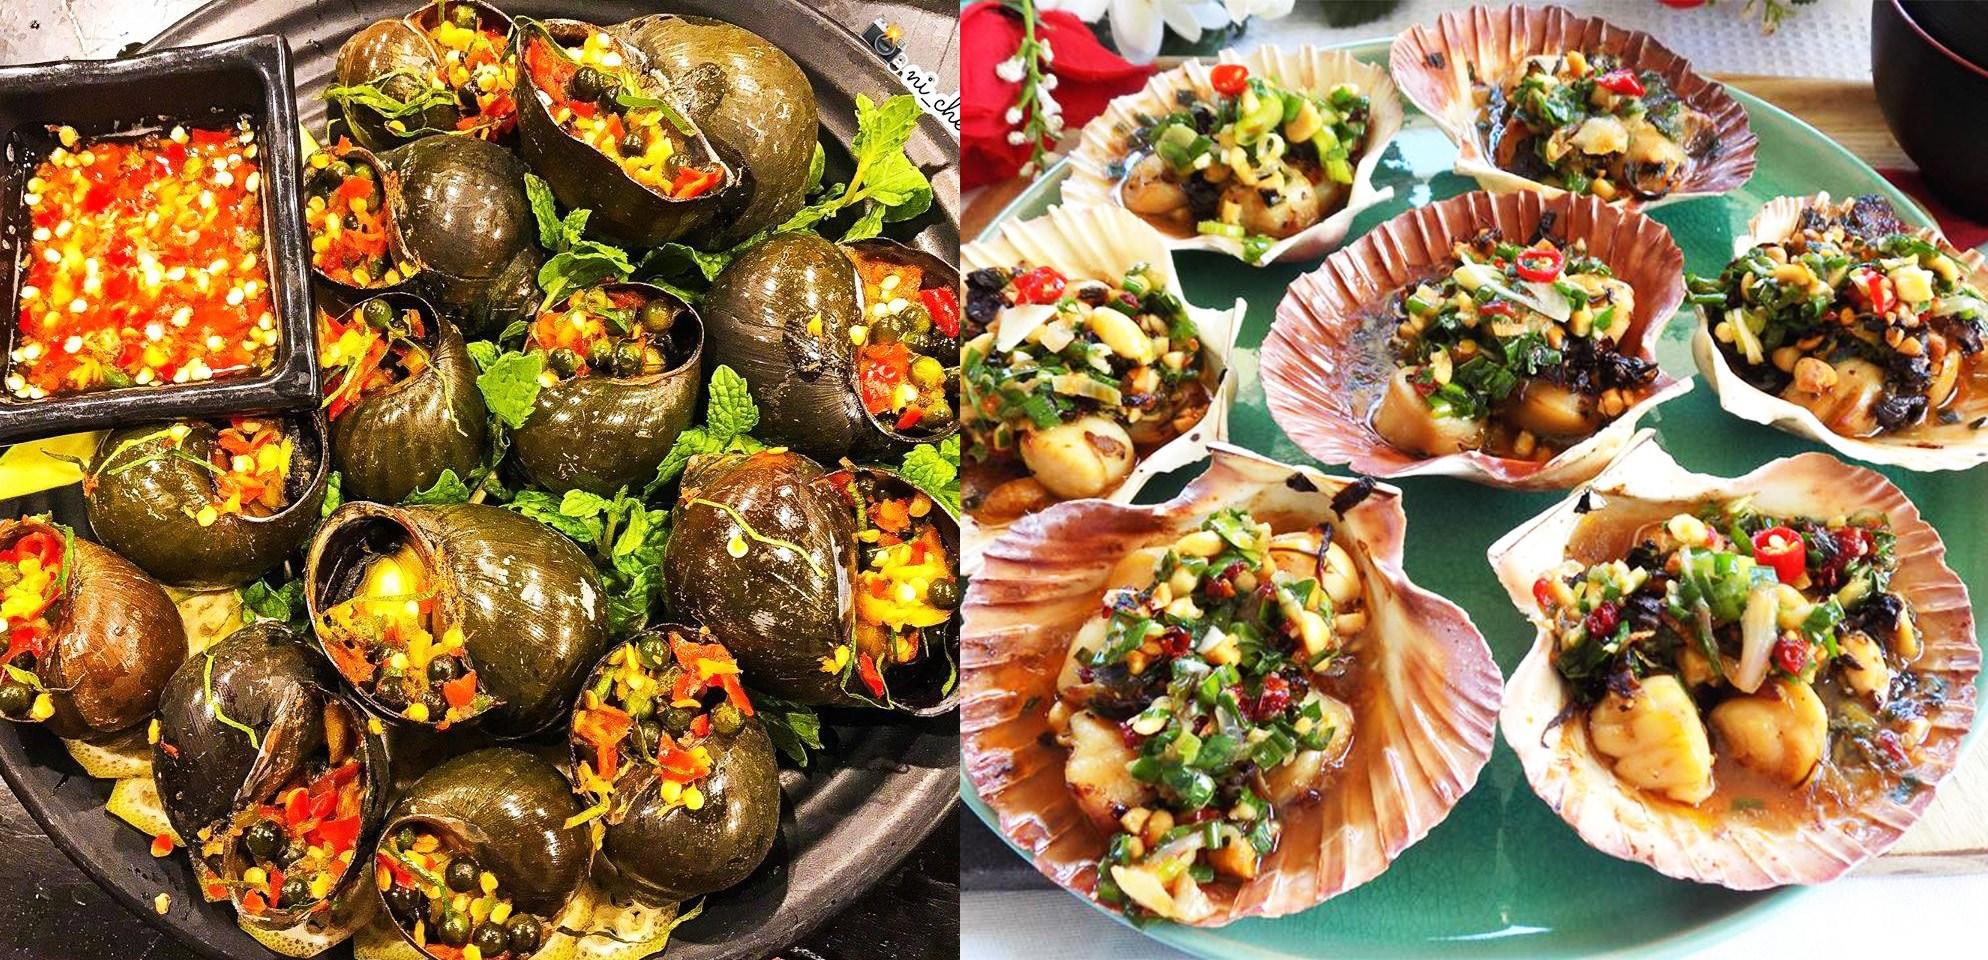 Công thức 15 món ốc, sò dễ làm tại nhà, ngon đậm đà hương vị ~ Ẩm Thực  Thông Thái